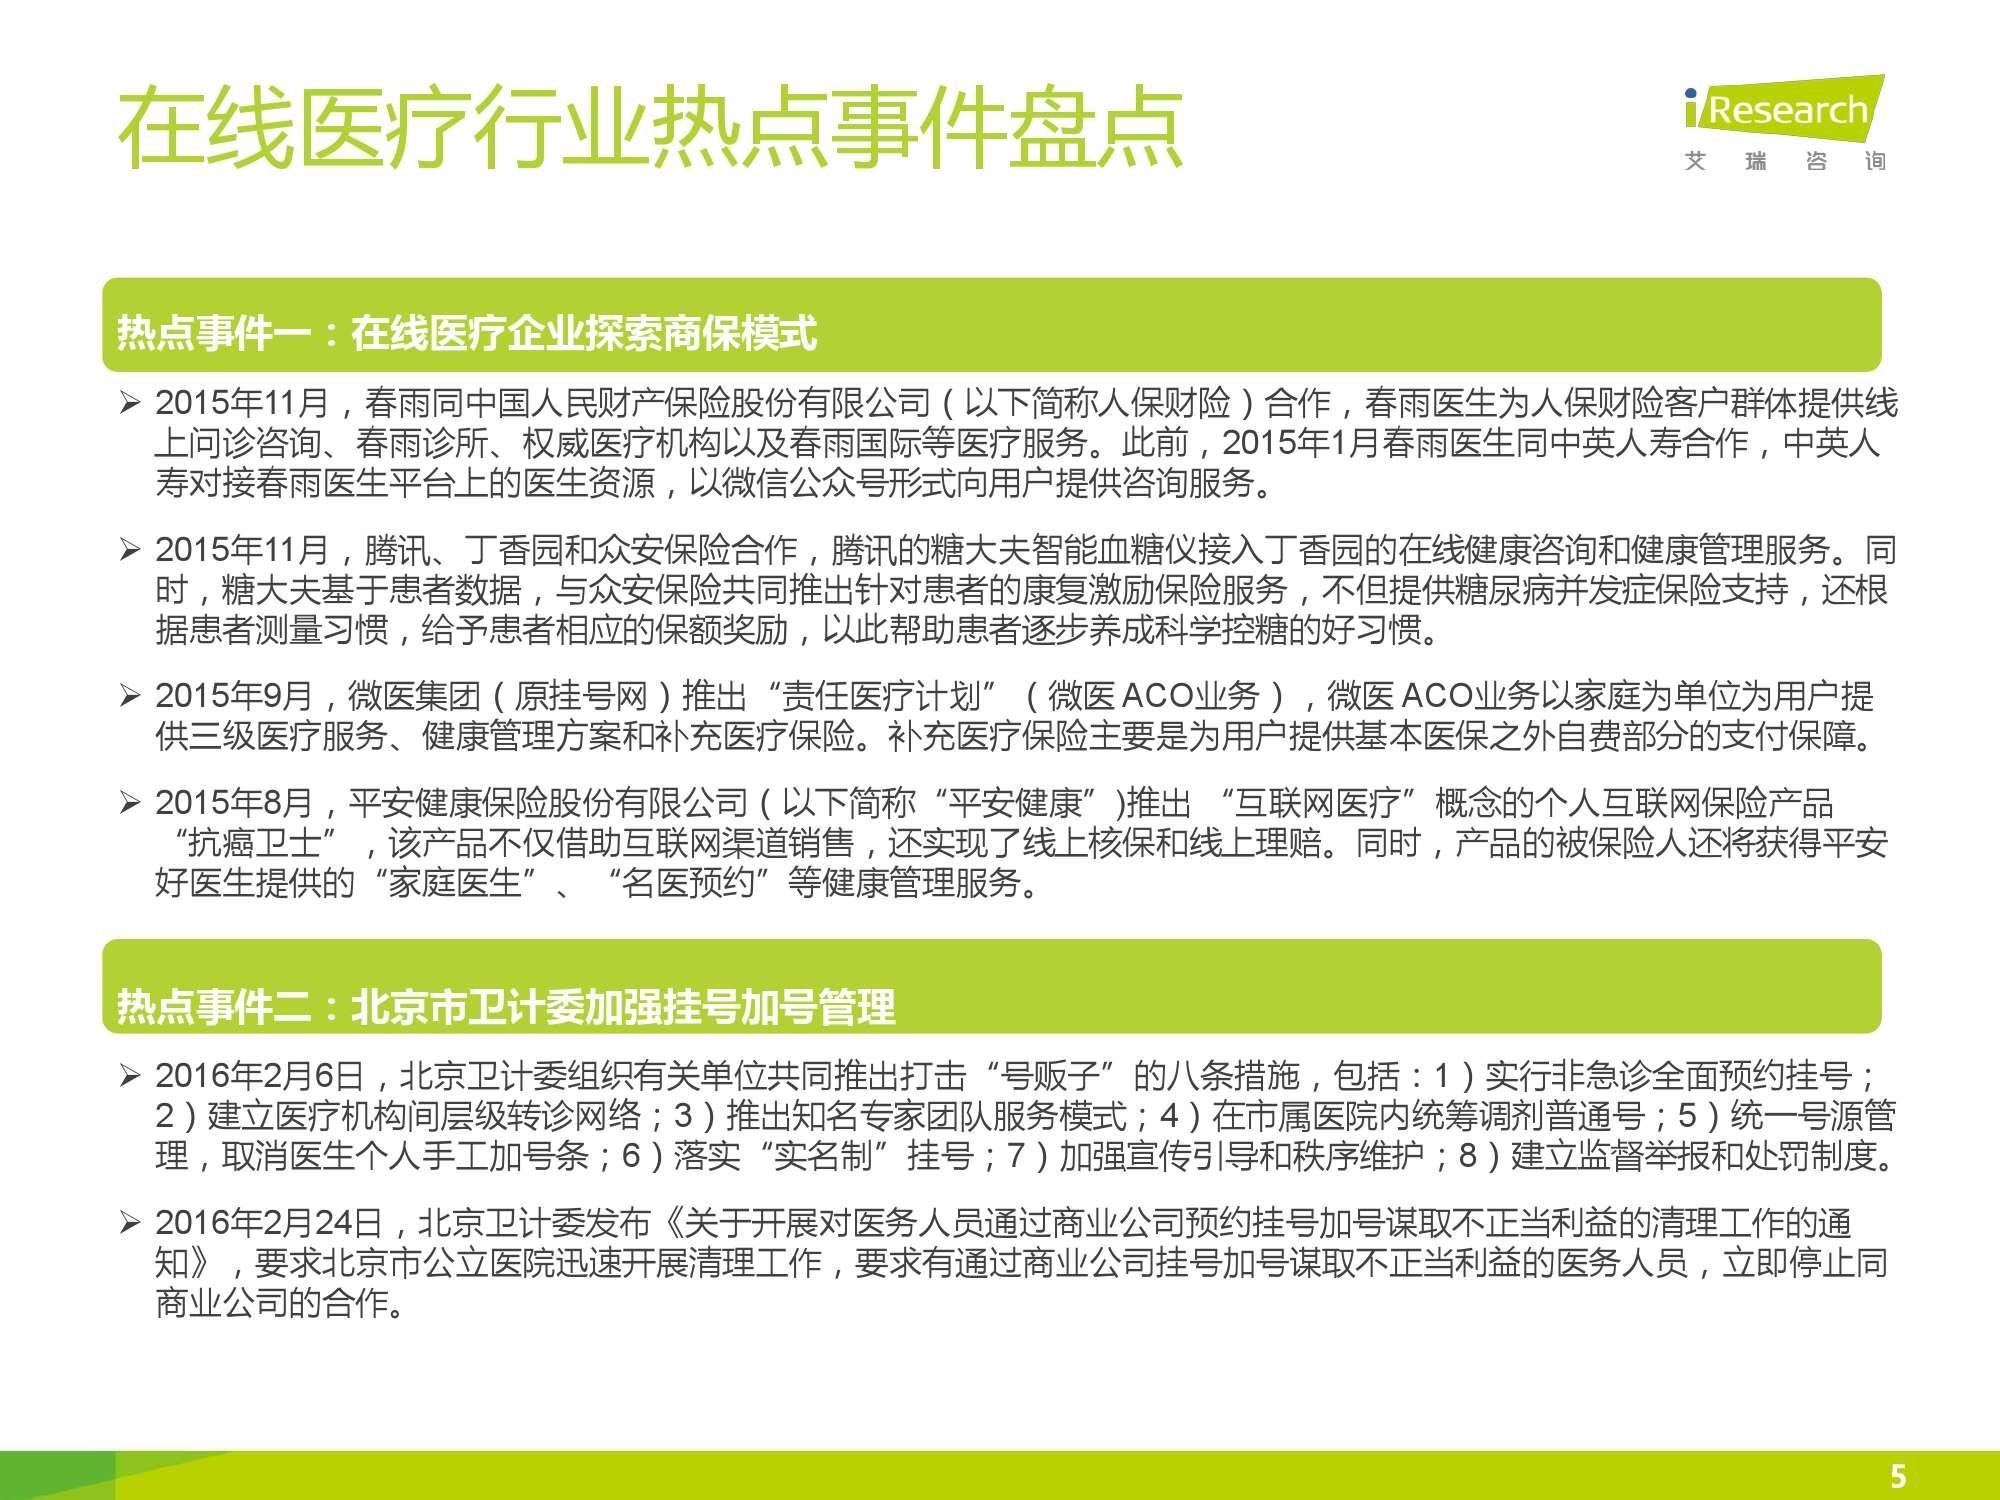 2016年中国在线医疗行业数据监测报告_000005